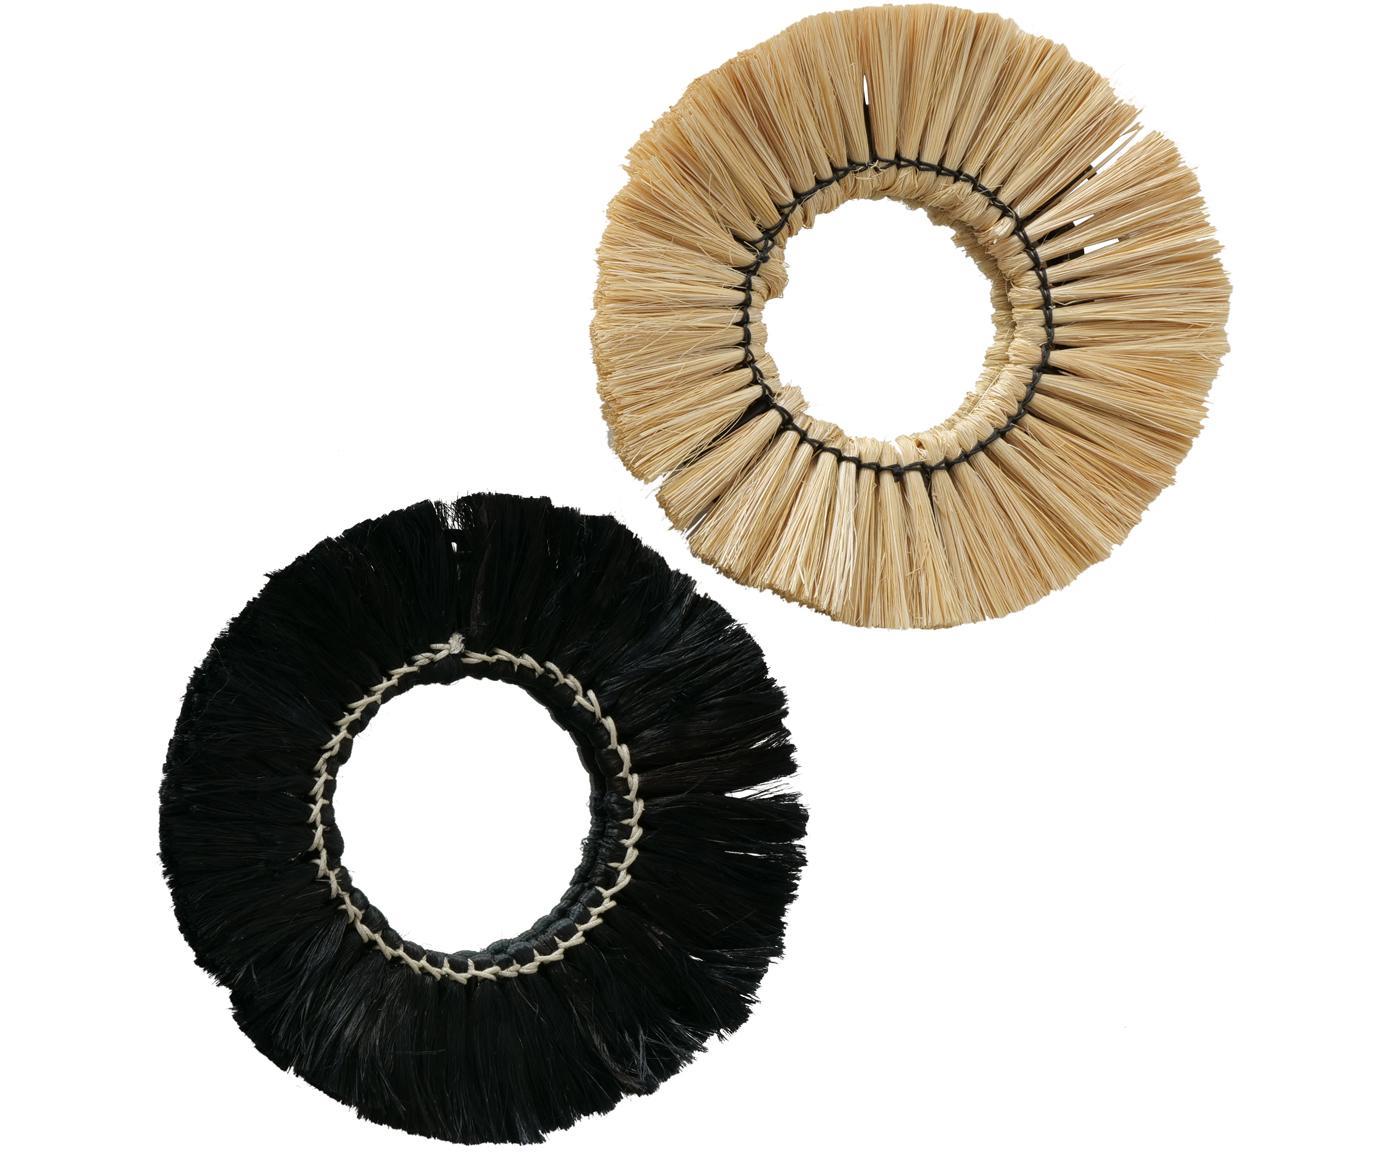 Ronde, handgeknoopte wandspiegelset Mamesa, 2-delig, Metaal, spiegelglas, Zwart, beige, Ø 25 cm